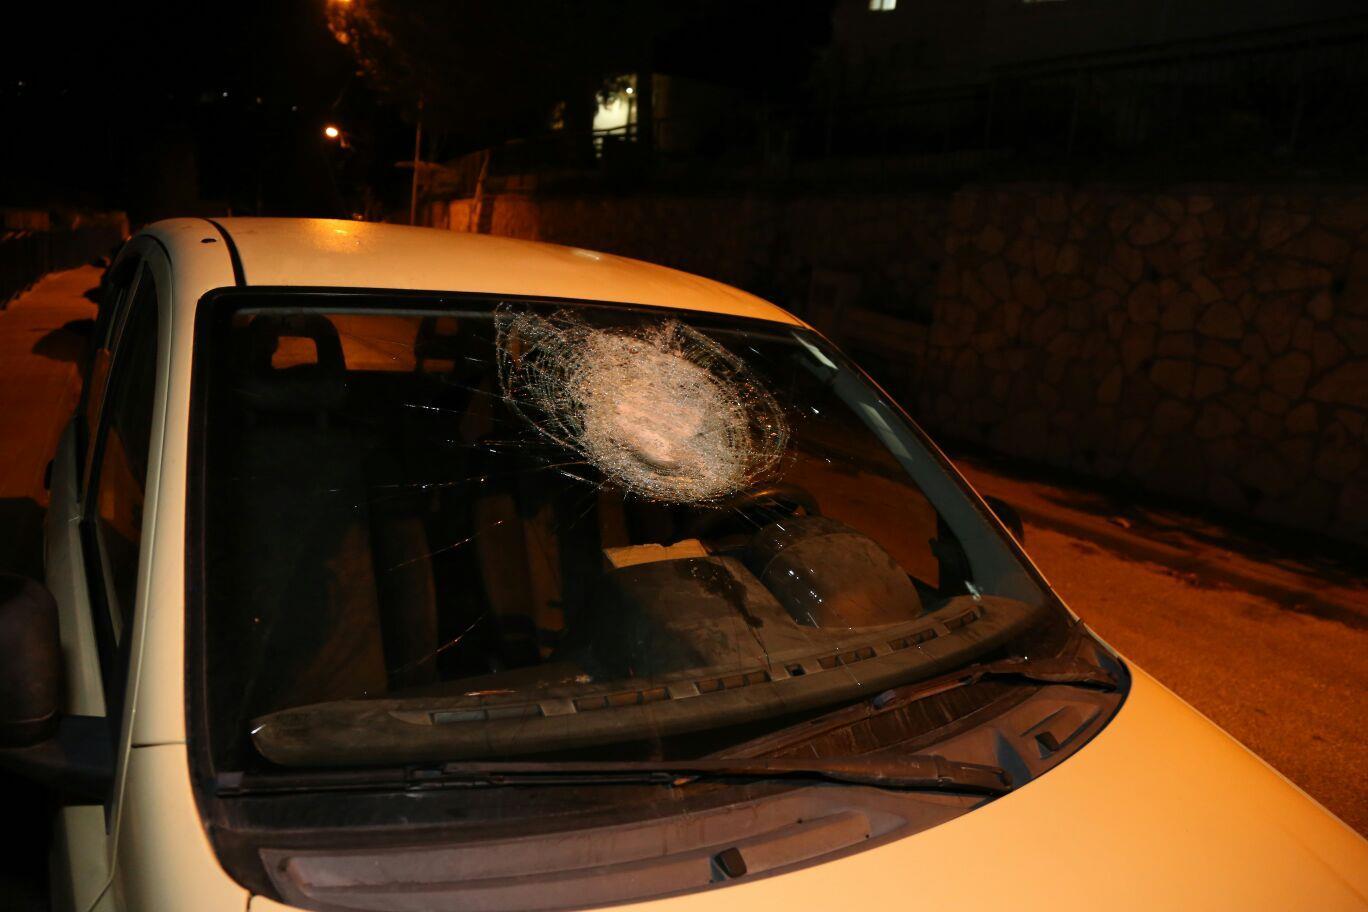 רכב שנפגע מאבנים שיידו ערבים במערב בנימין במוצאי שבת. צילום: TPS